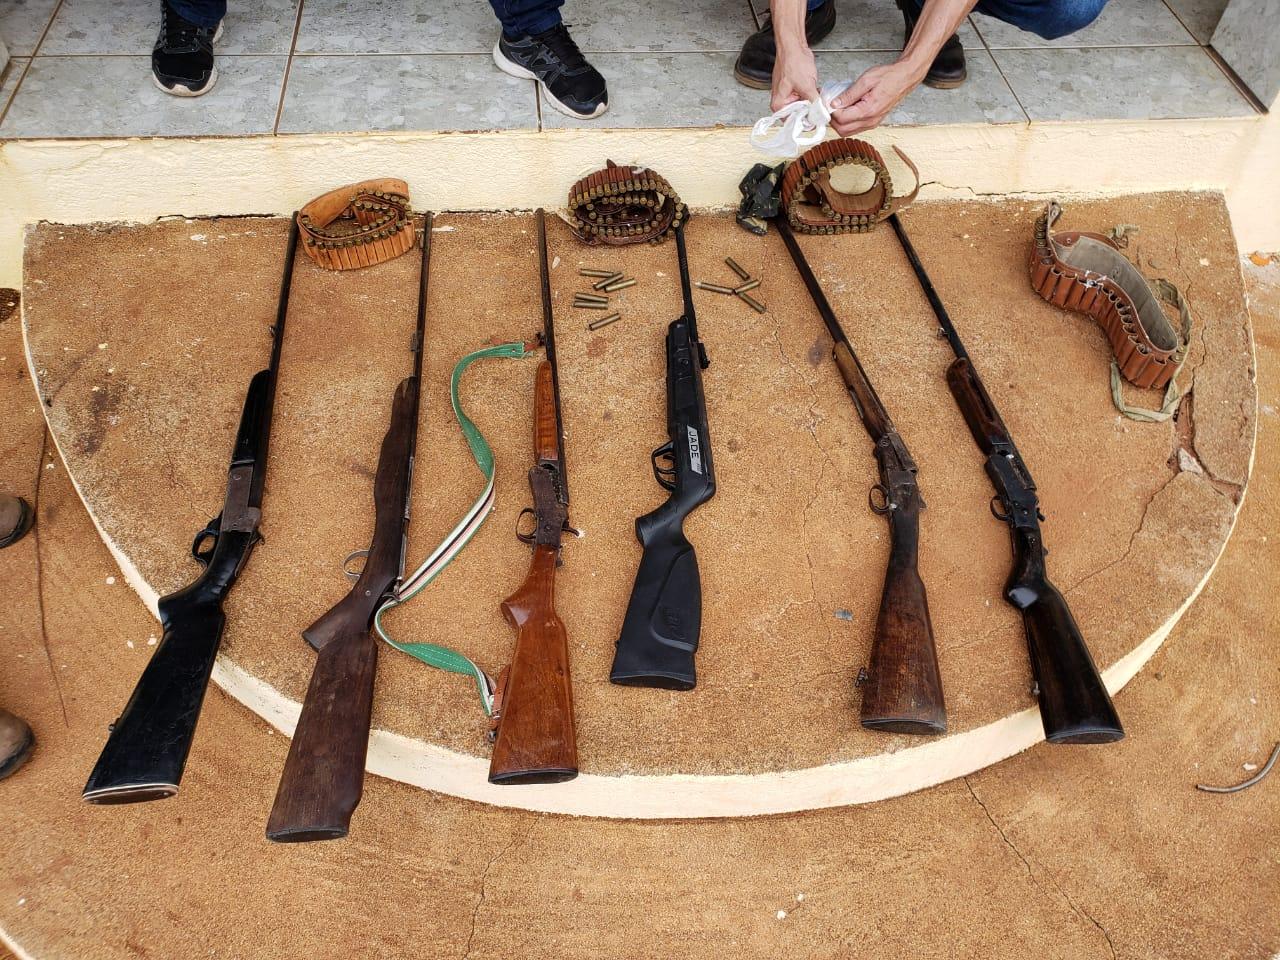 IMG-20210120-WA0109 Polícia apreende armas e munições na zona rural de São João do Cariri